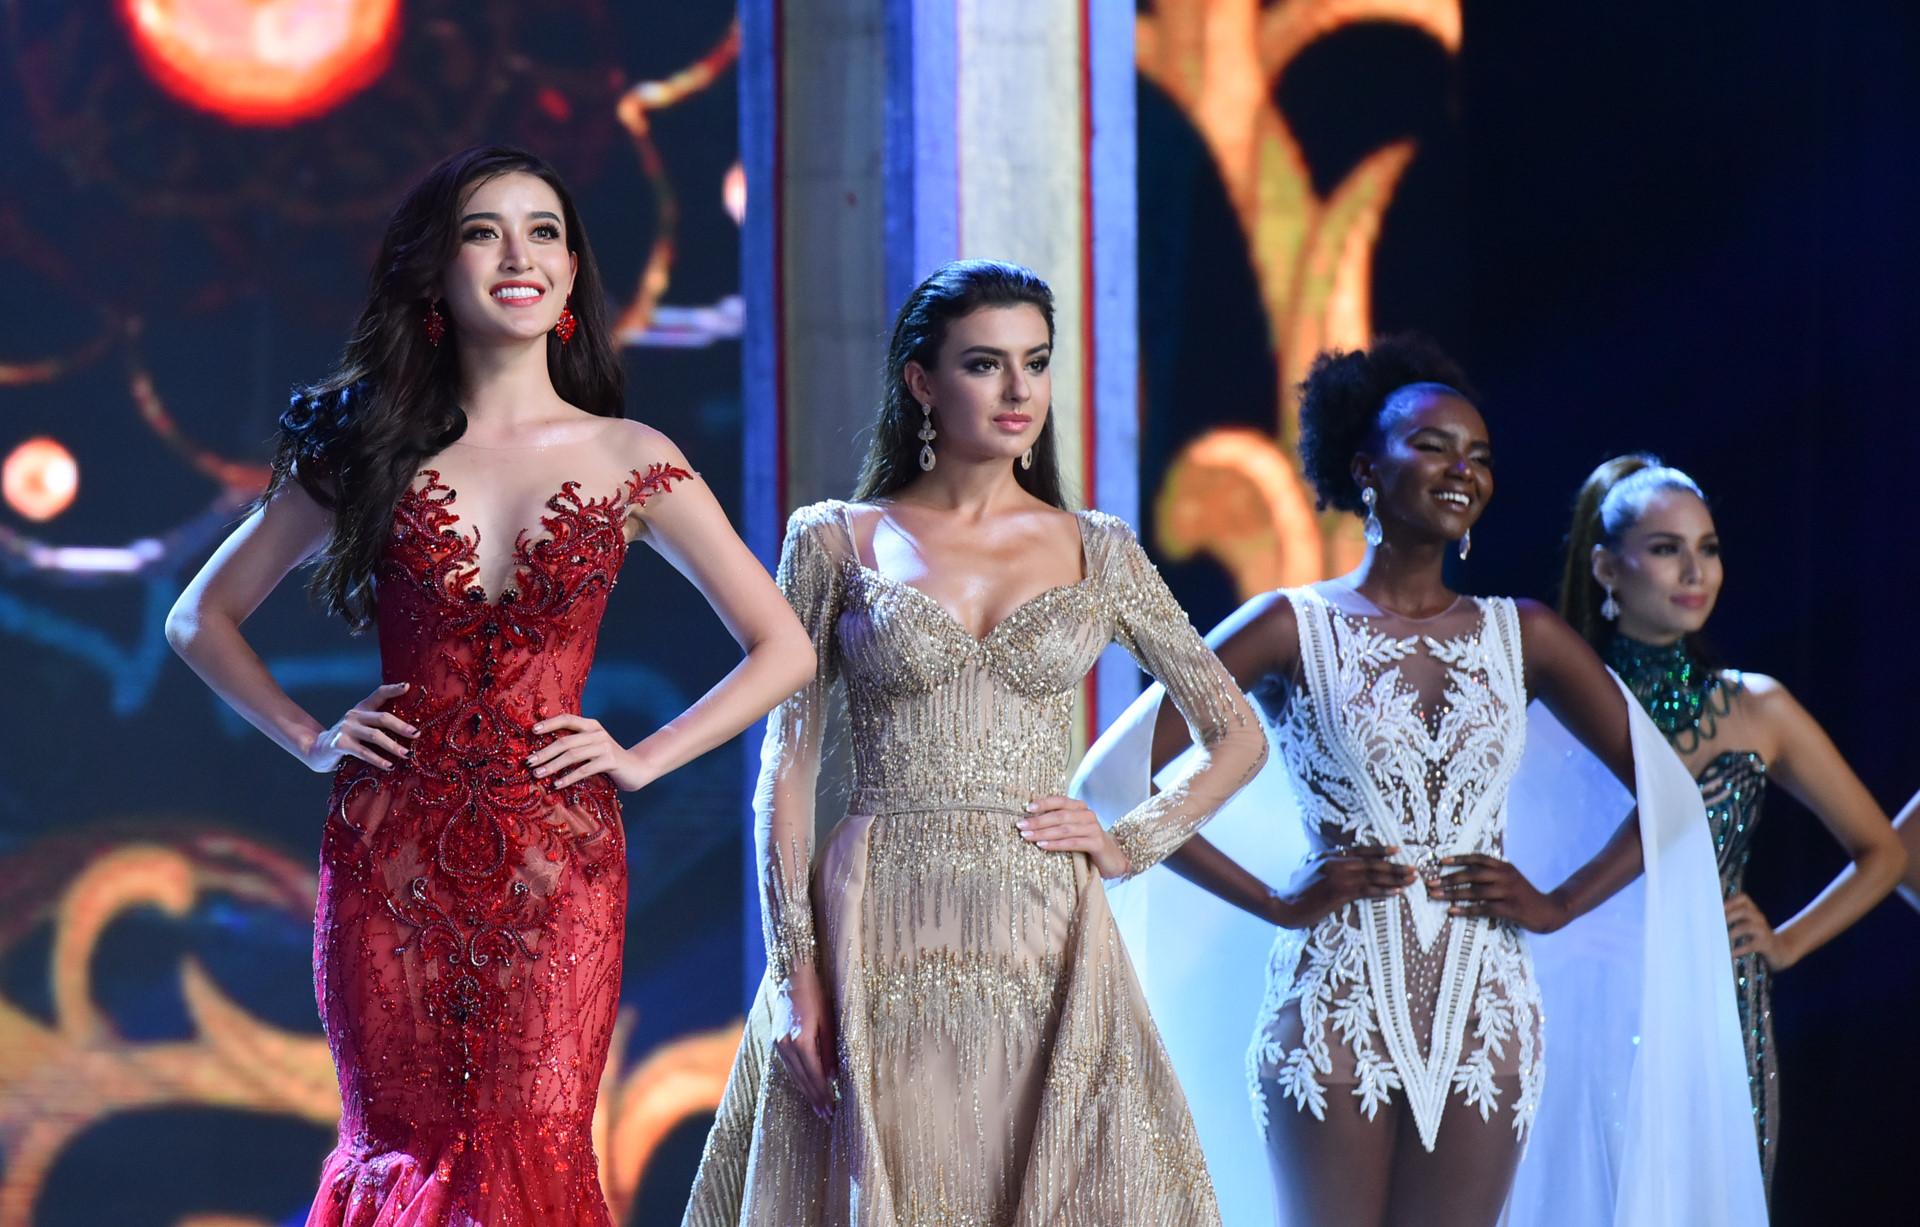 Top 10 Hoa hậu Hòa bình Quốc tế 2017 lộng lẫy trình diễn dạ hội